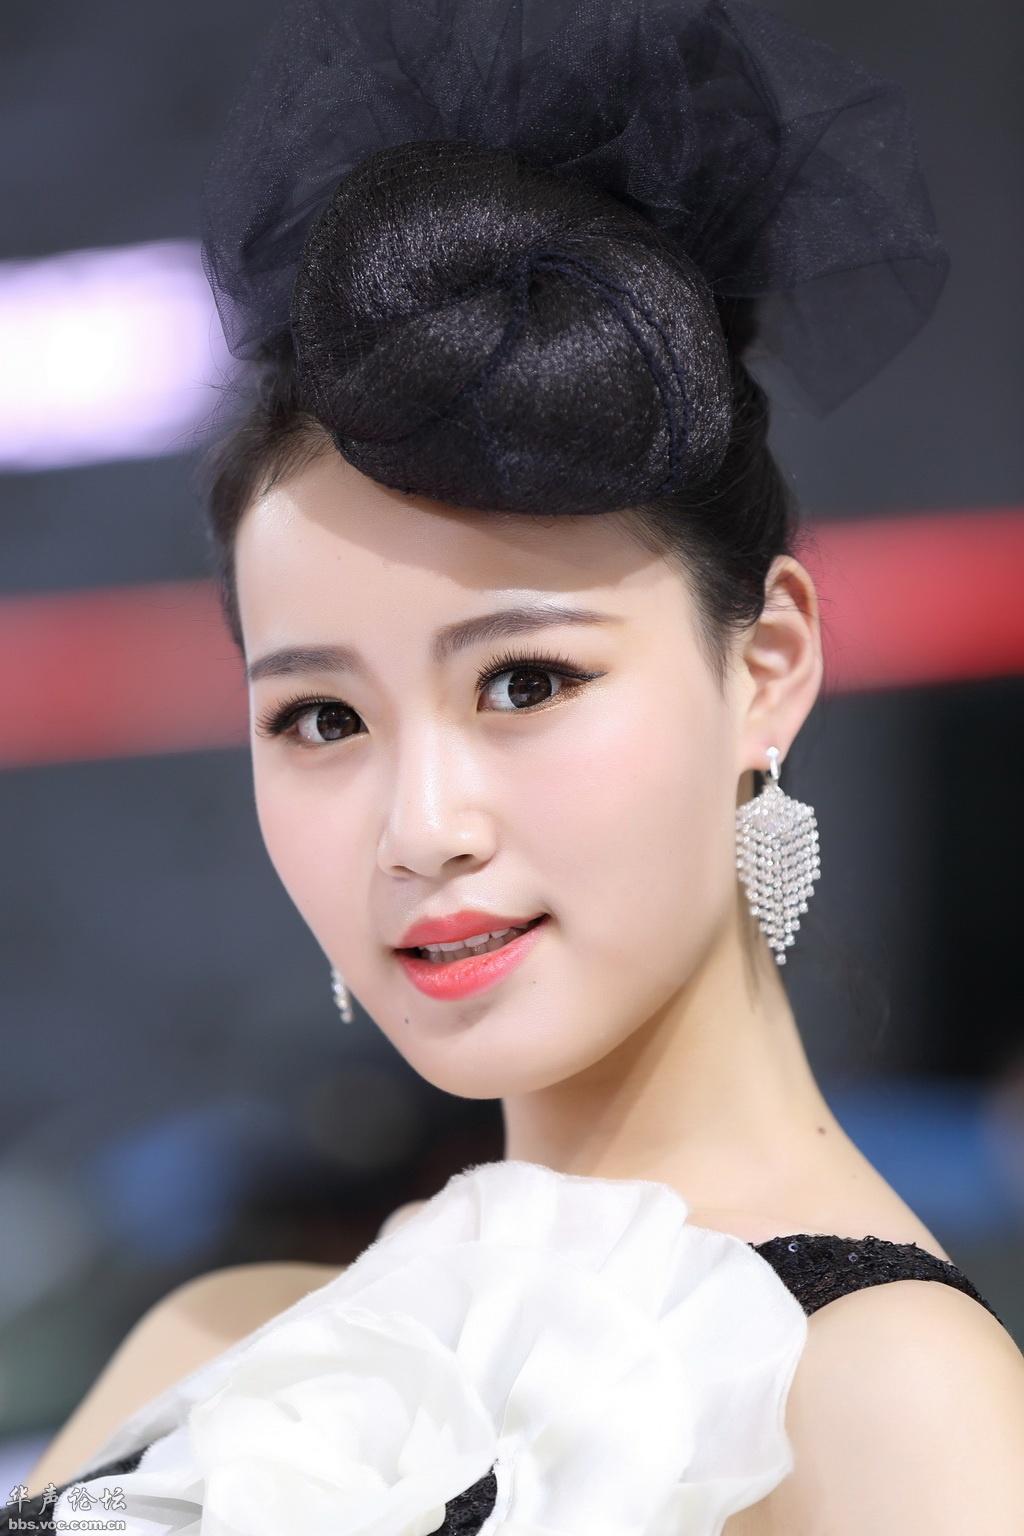 日本车模被打_只看车模不看车,2014北京车展模特 - 美女贴图 - 华声论坛